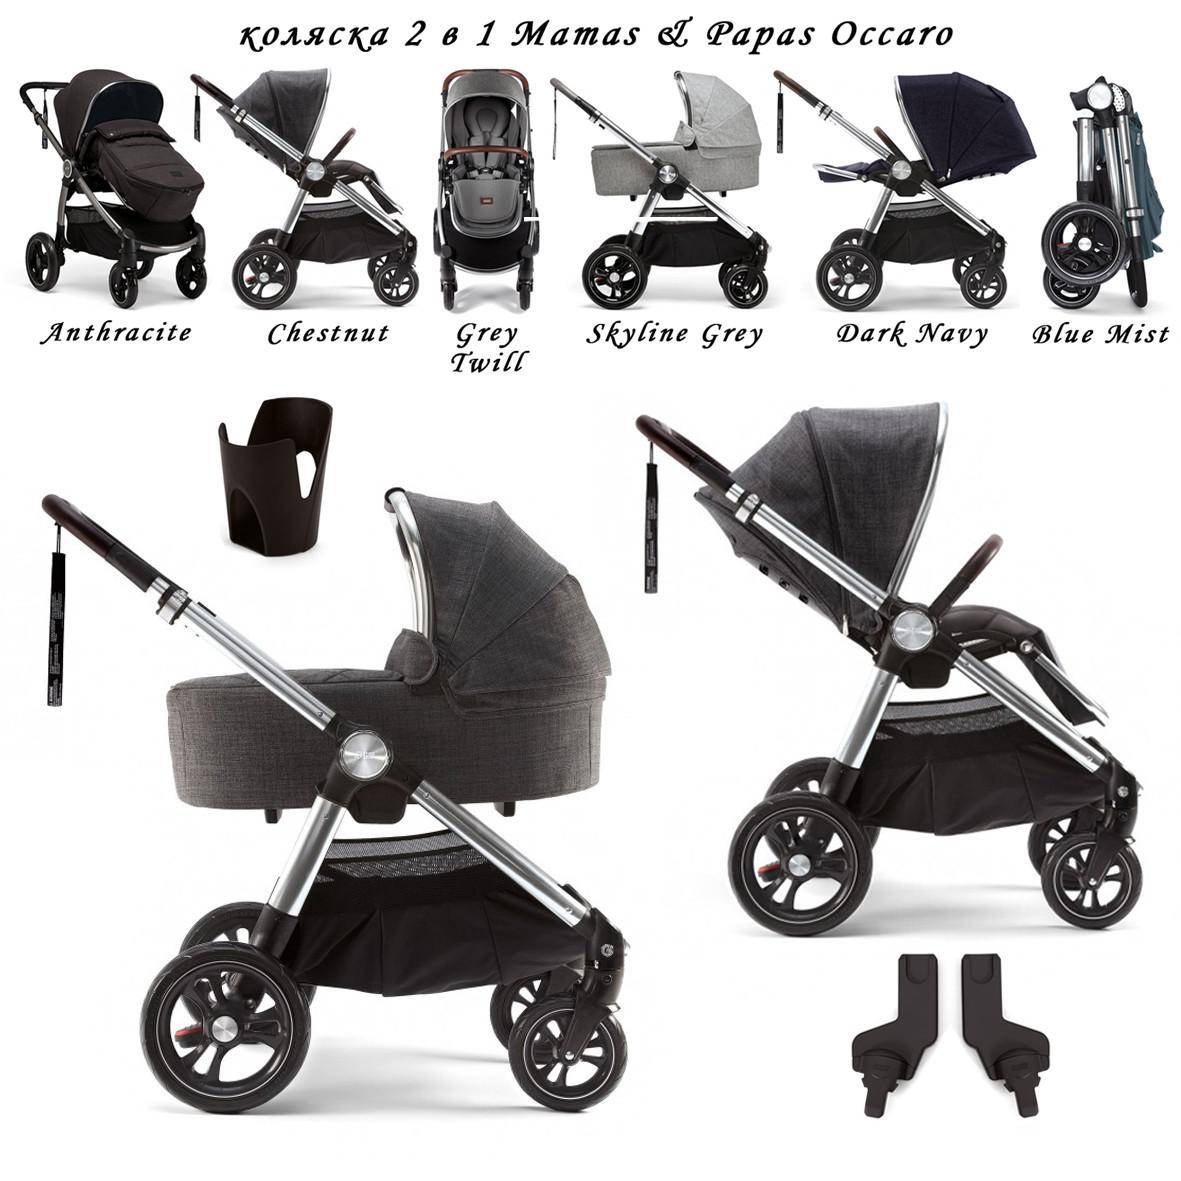 Универсальная коляска 2 в 1 Mamas & Papas Occaro